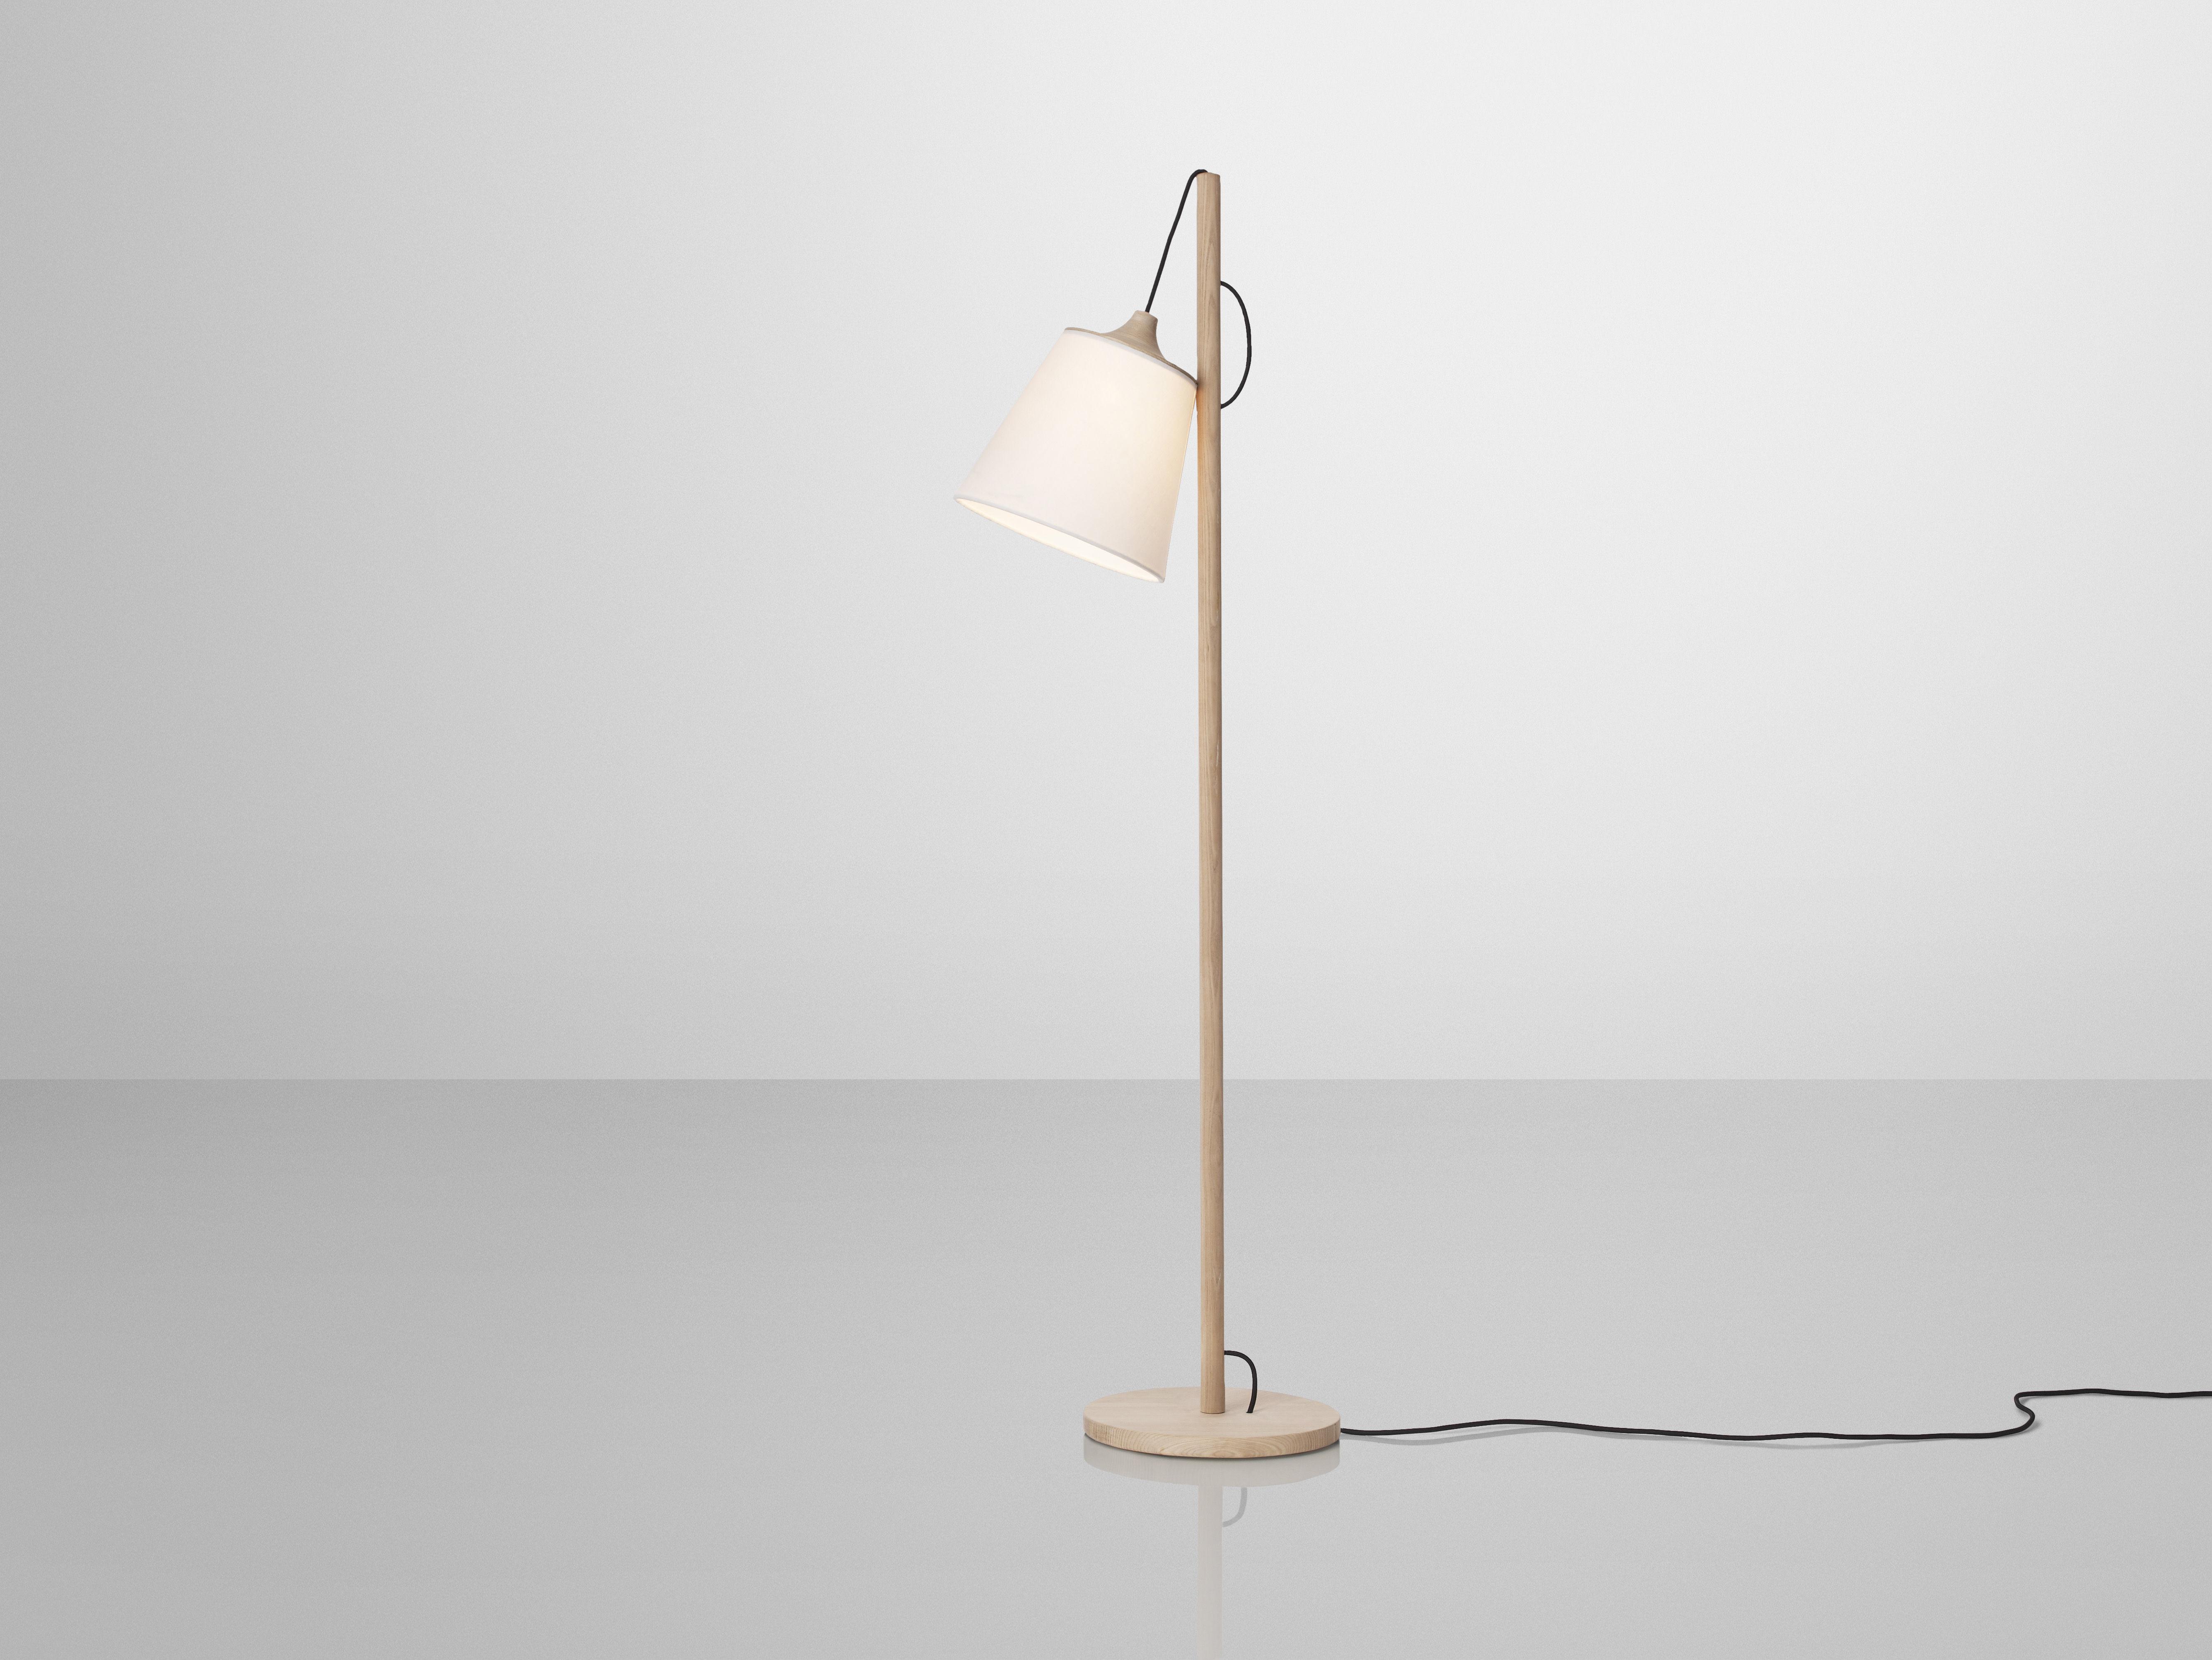 Lampada a stelo pull lamp muuto legno chiaro paralume bianco